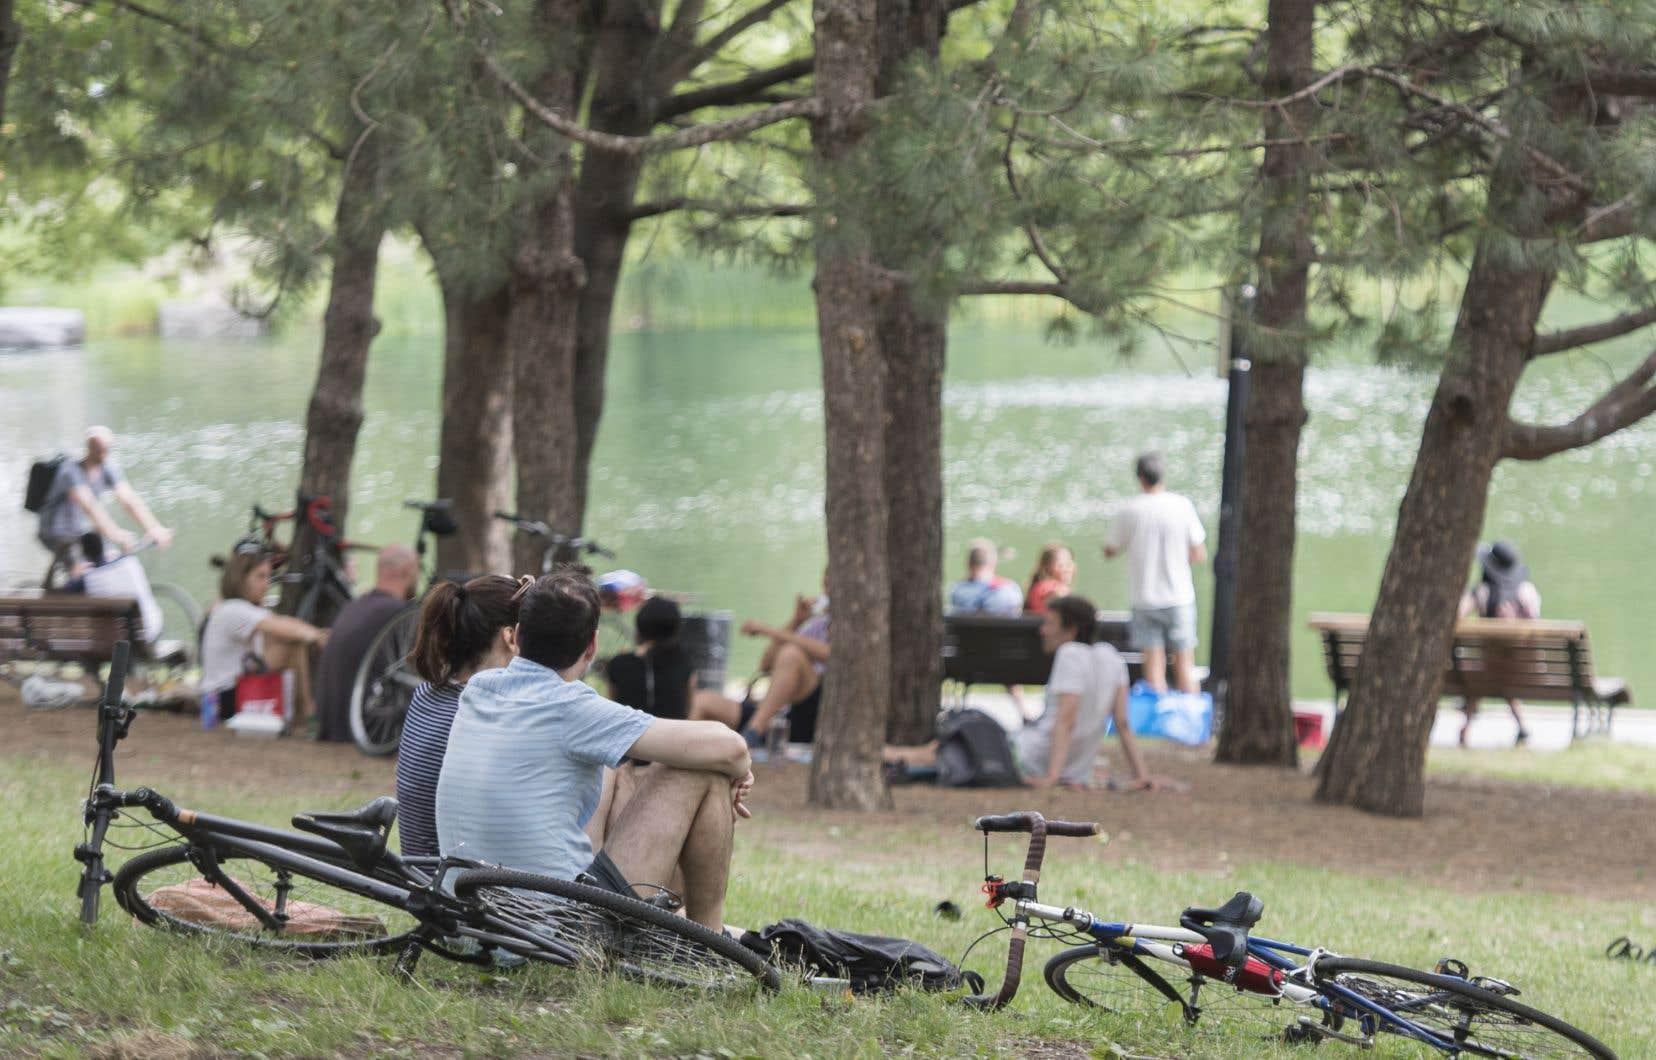 Sur l'ensemble des répondants de l'étude de Statistique Canada, 38% n'étaientpas du tout préoccupés par les rassemblements de petits groupes et les visites chez d'autres personnes.